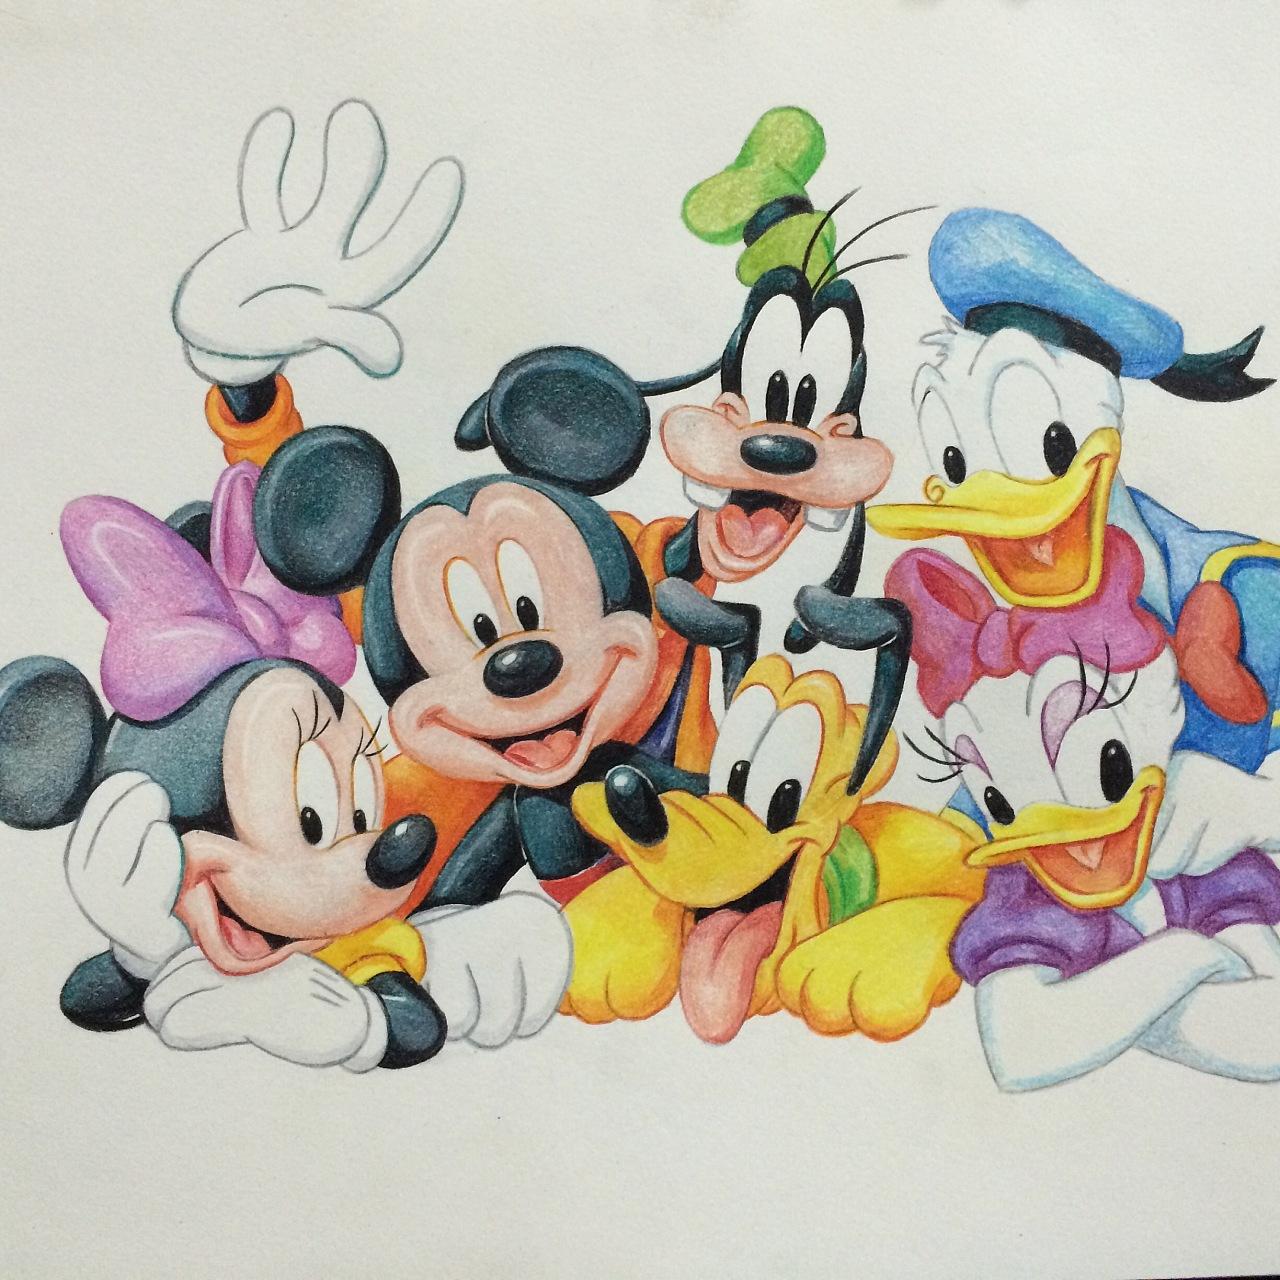 迪斯尼卡通人物-彩铅手绘